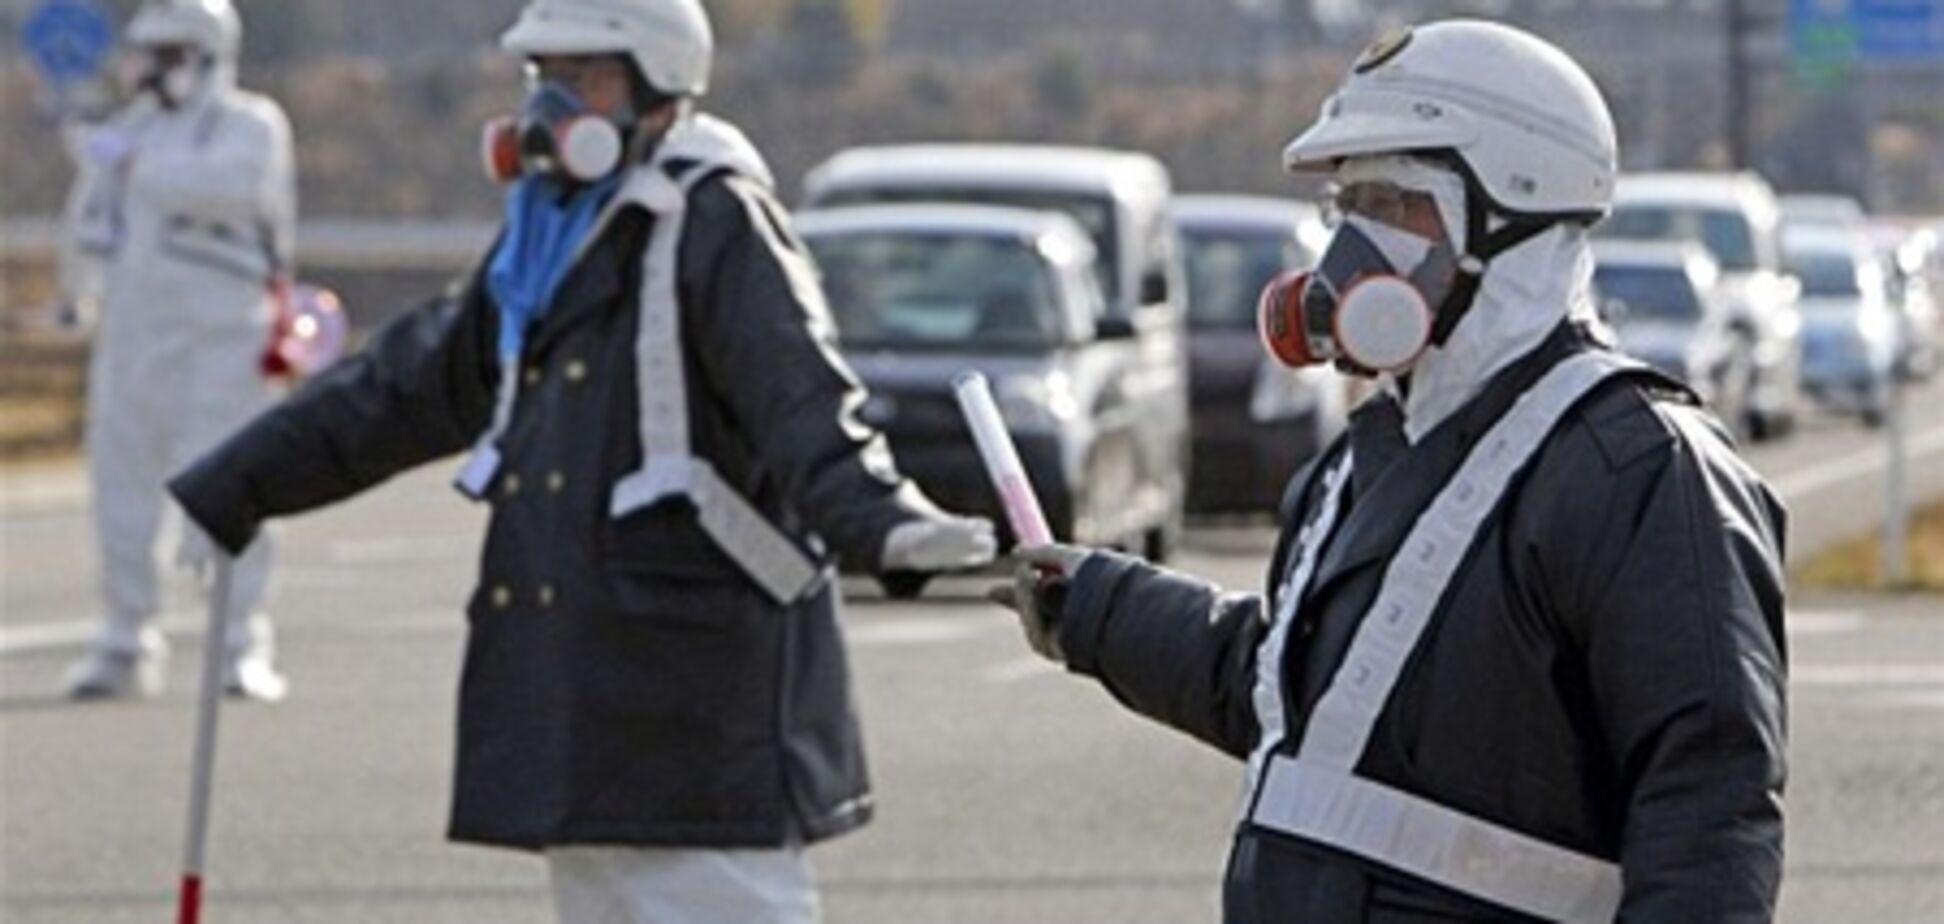 Ветеран Чернобыля раскрыл секрет катастрофы на АЭС 'Фукусима-1'